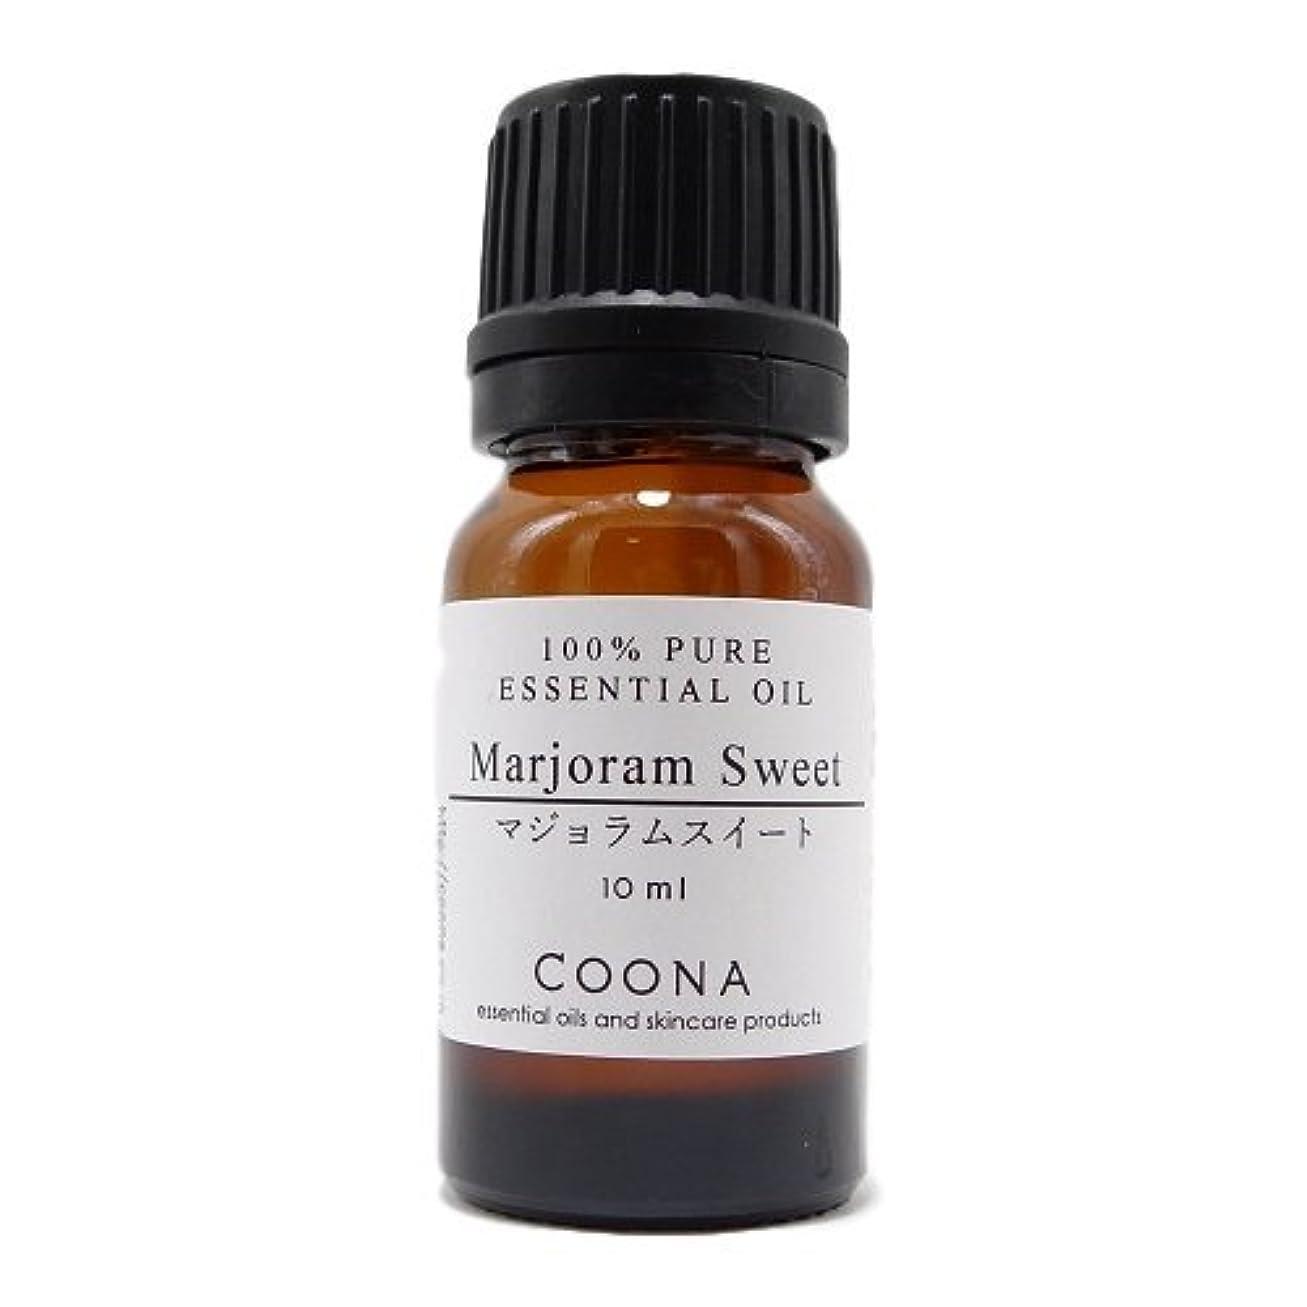 従事した消毒するとは異なりマジョラム スイート 10 ml (COONA エッセンシャルオイル アロマオイル 100%天然植物精油)